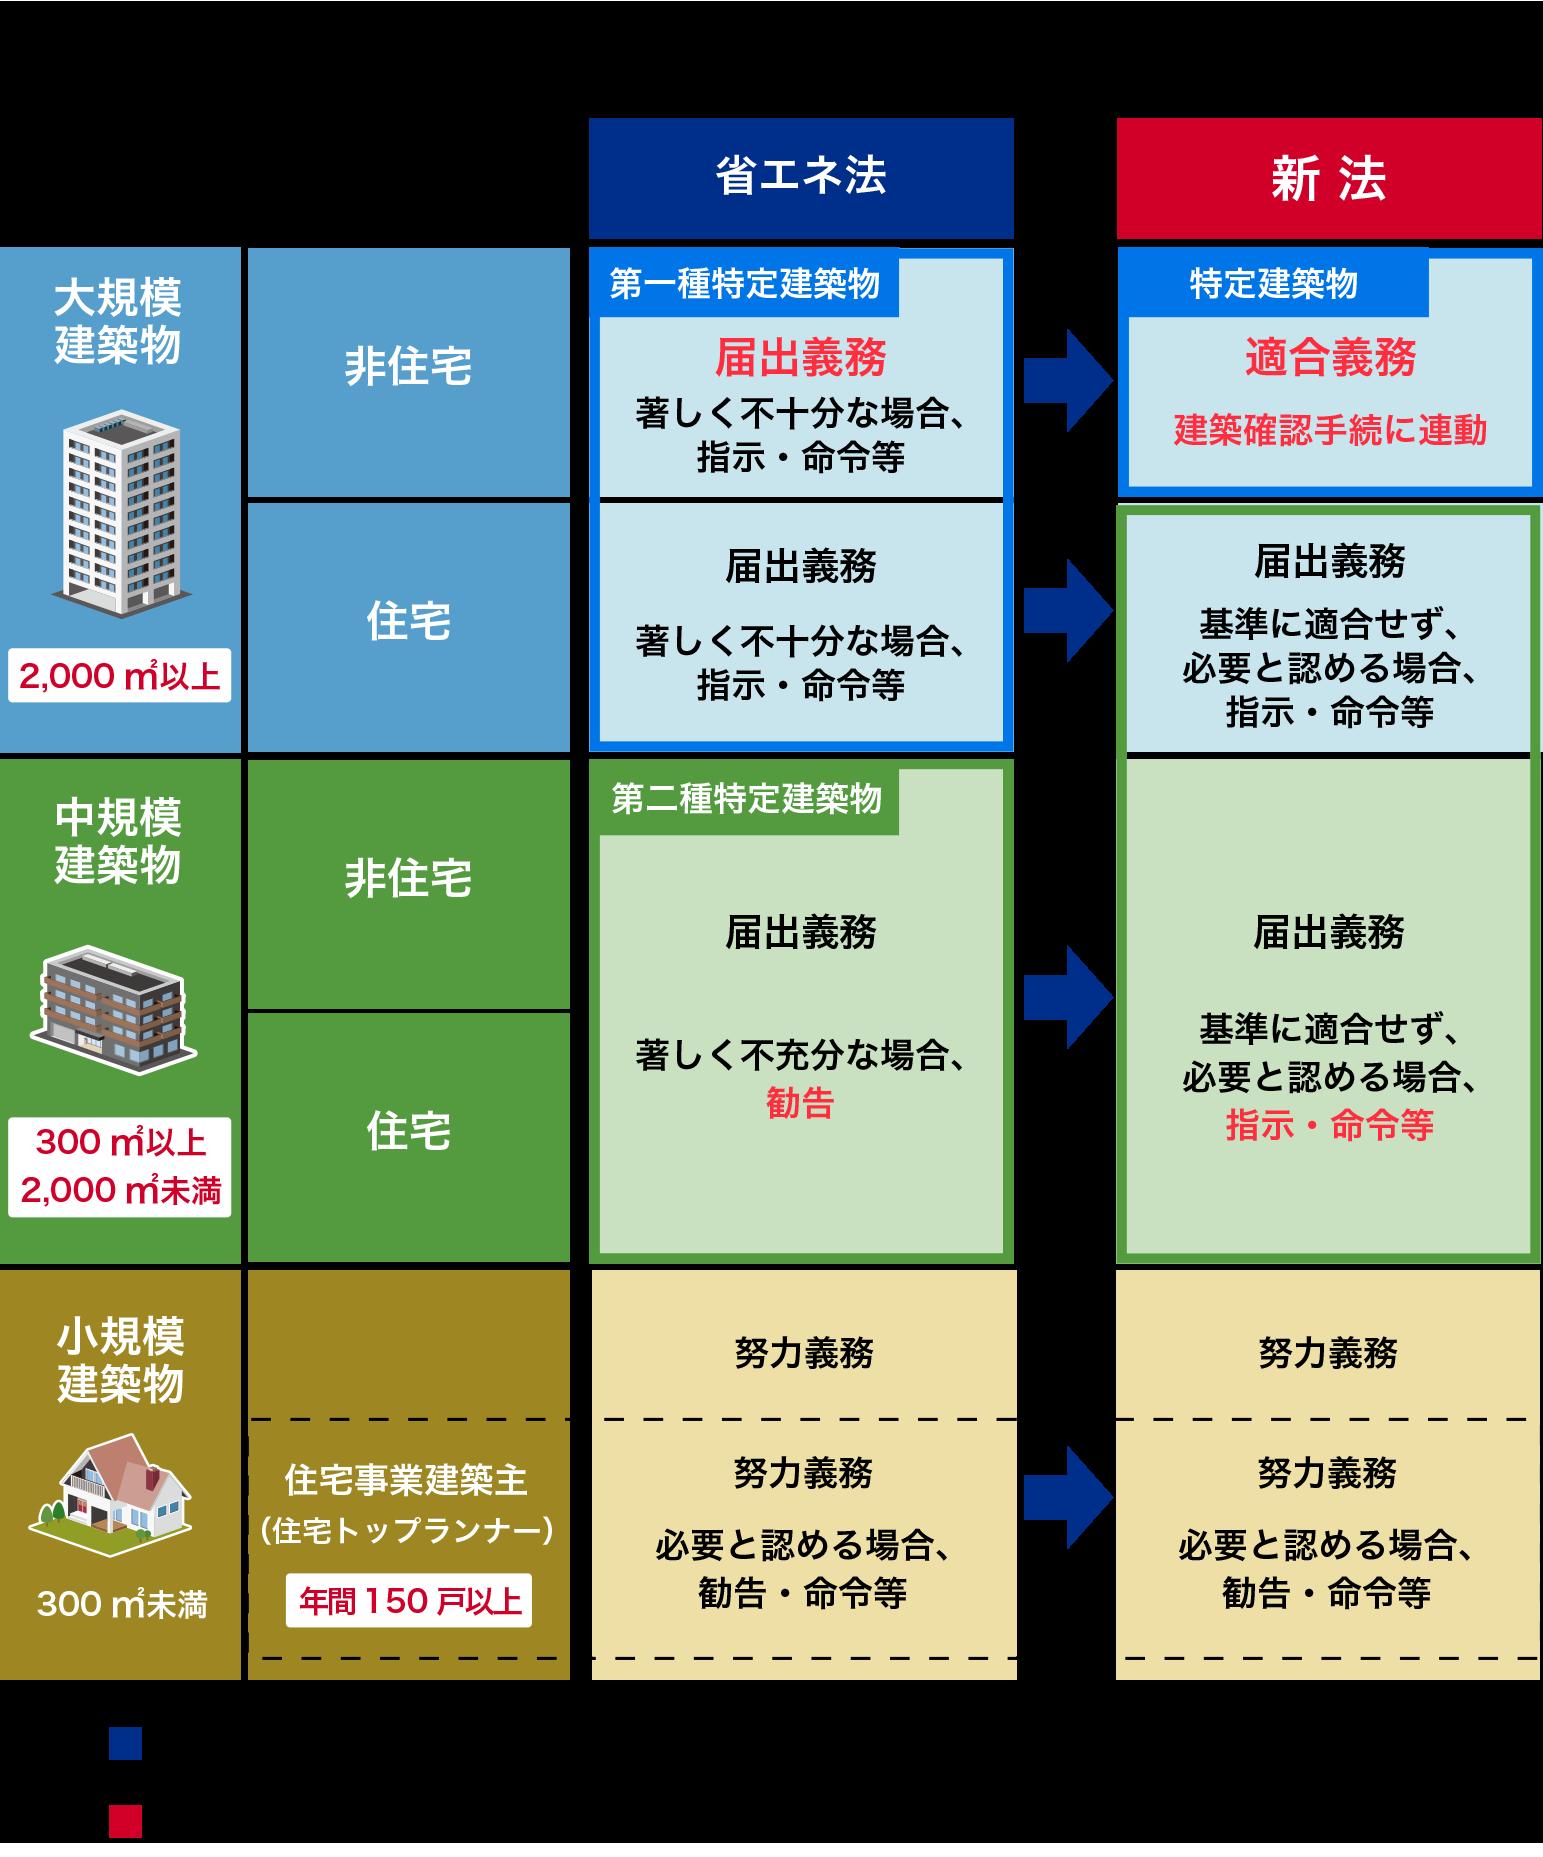 省エネ法と新法の比較概要(新築に係る措置)